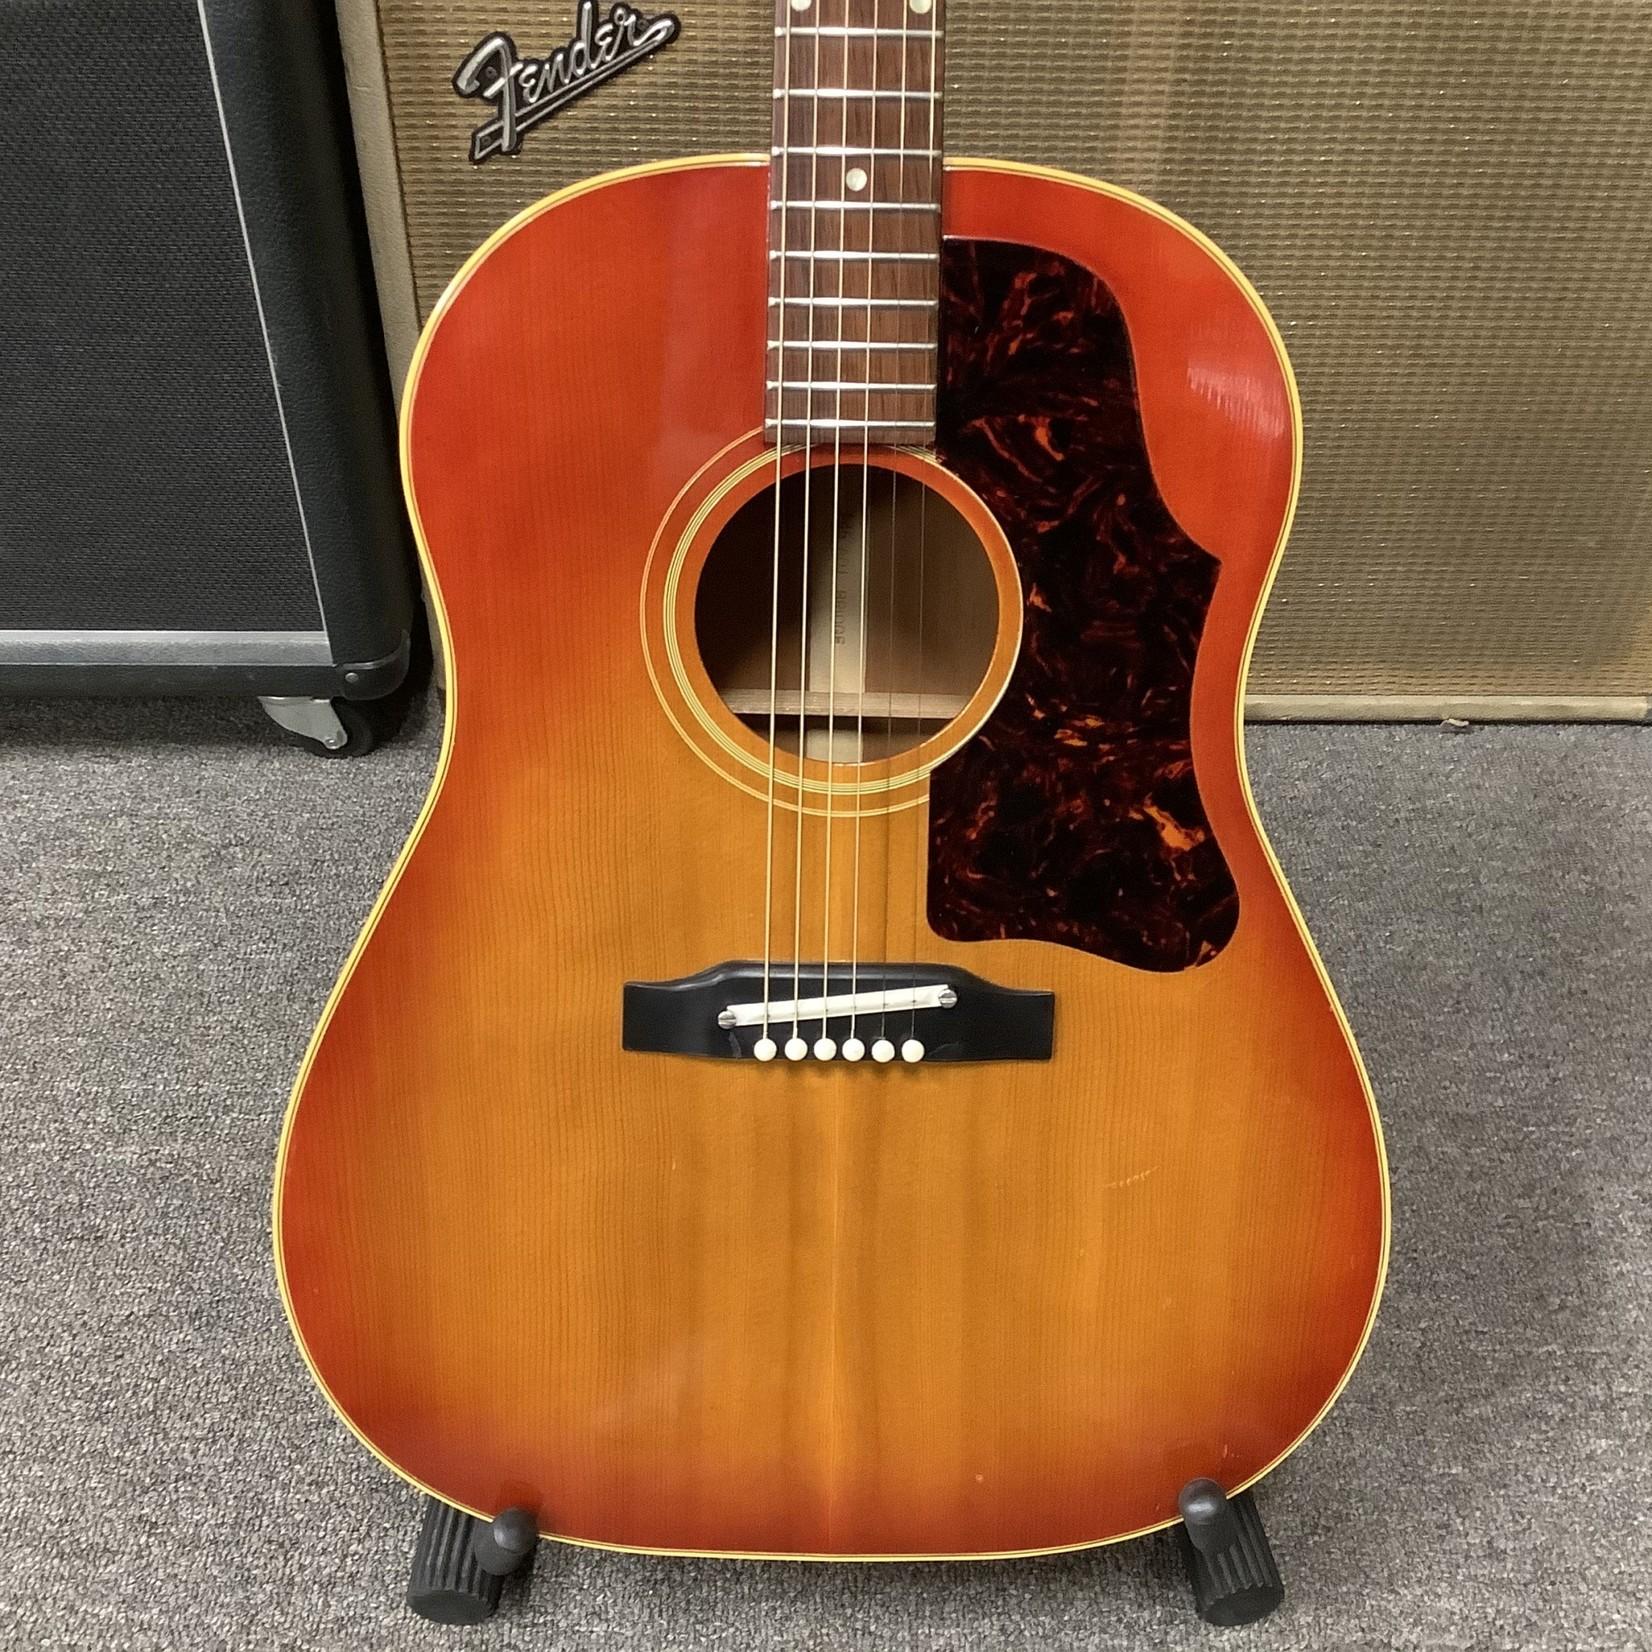 Gibson 1963 Gibson J-45 w/Nylon Adjustable Bridge Sunburst